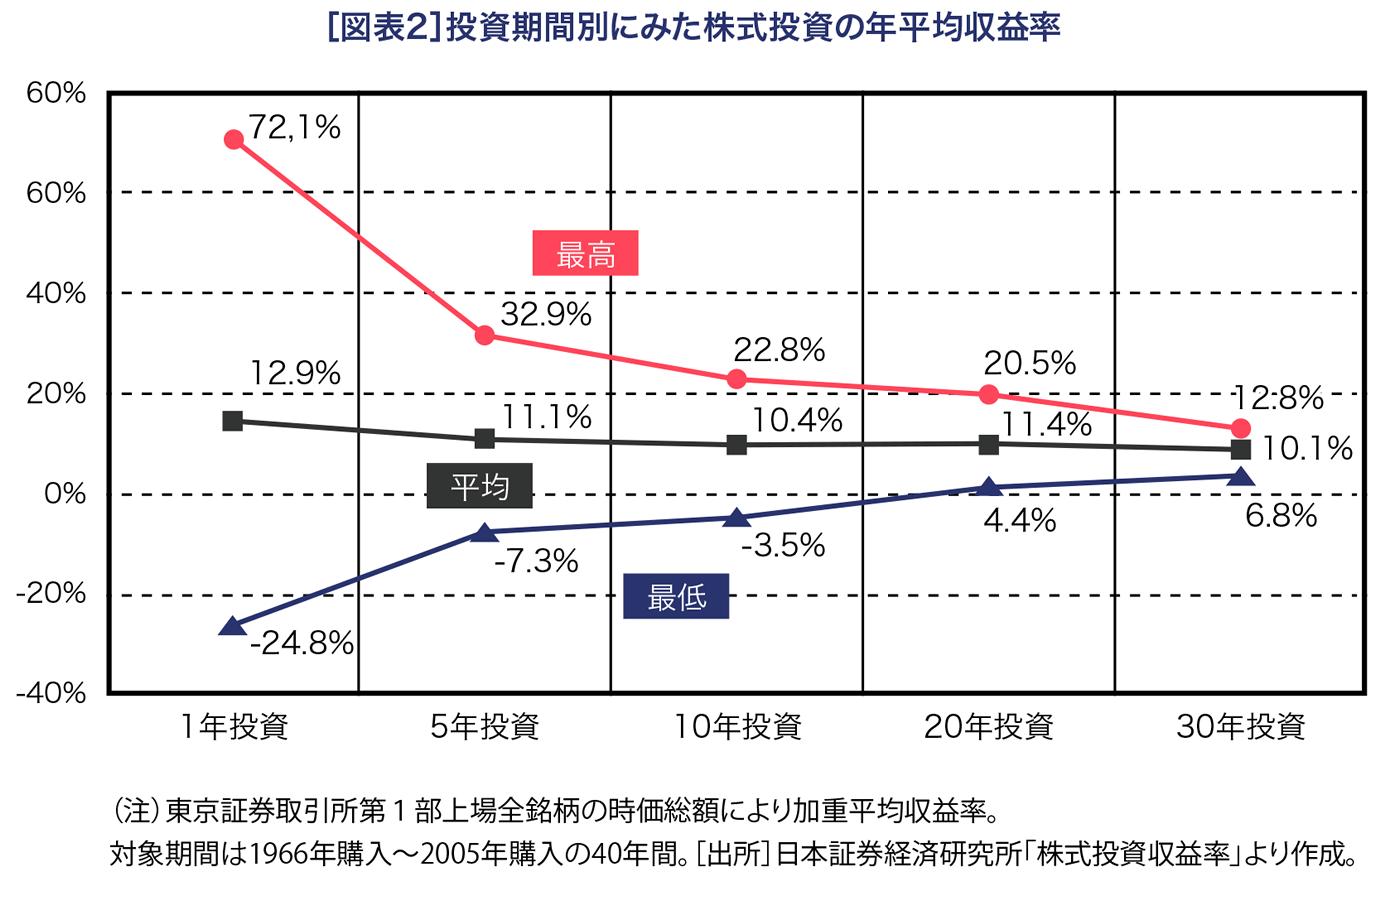 投資期間別にみた株式投資の年平均収益率